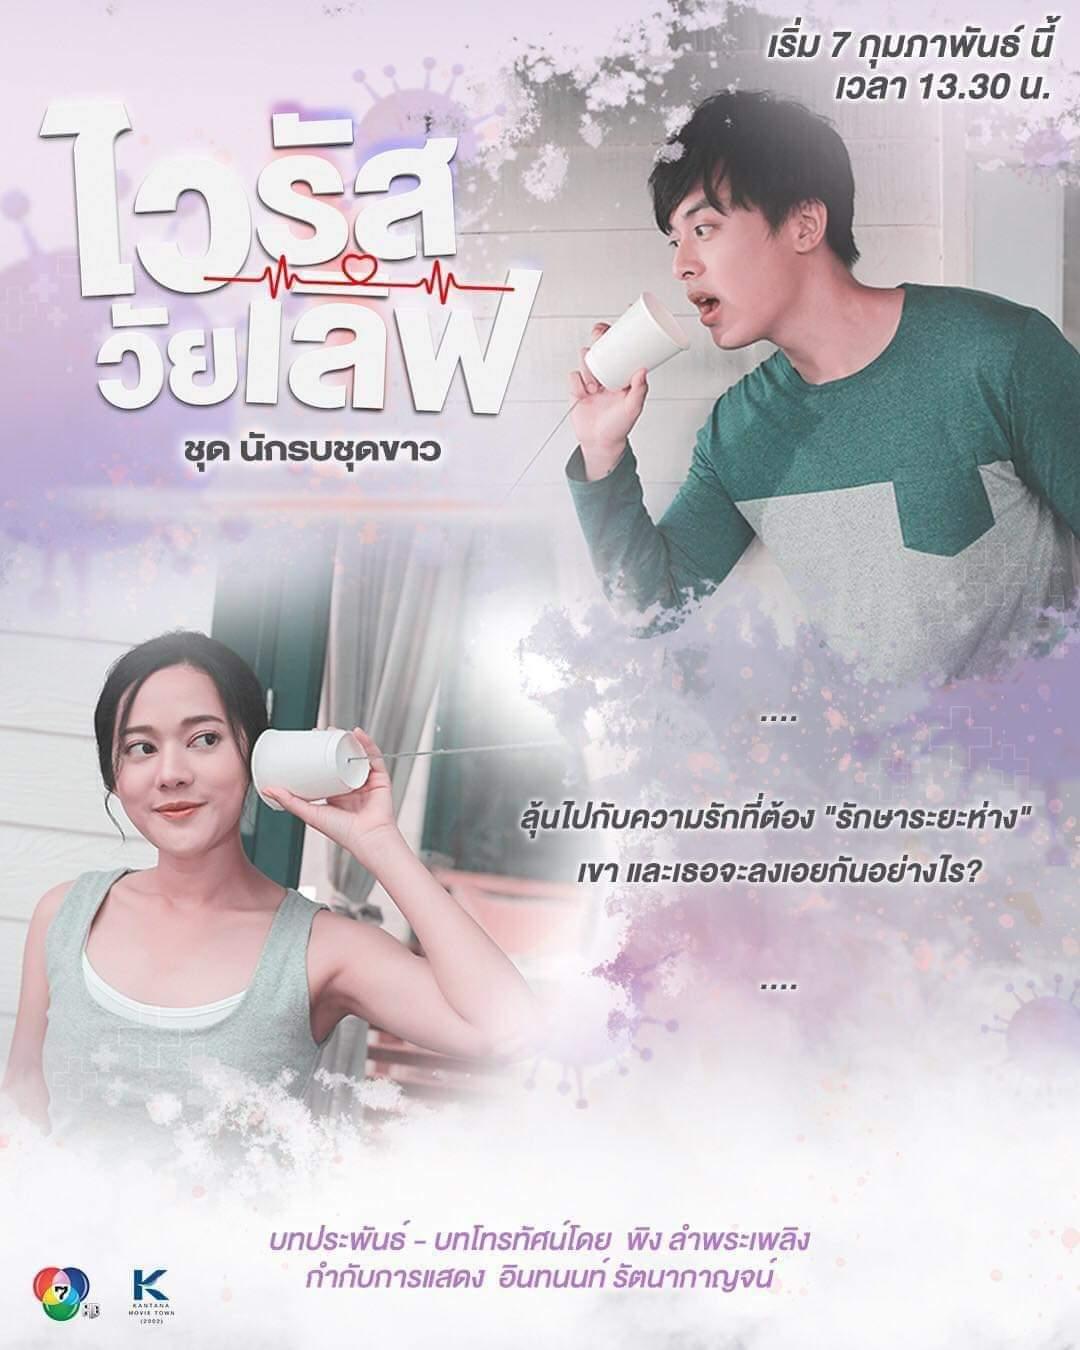 Virus Wai Love: Nakrob Chut Kao (2021) / Love Virus: The Warriors in White